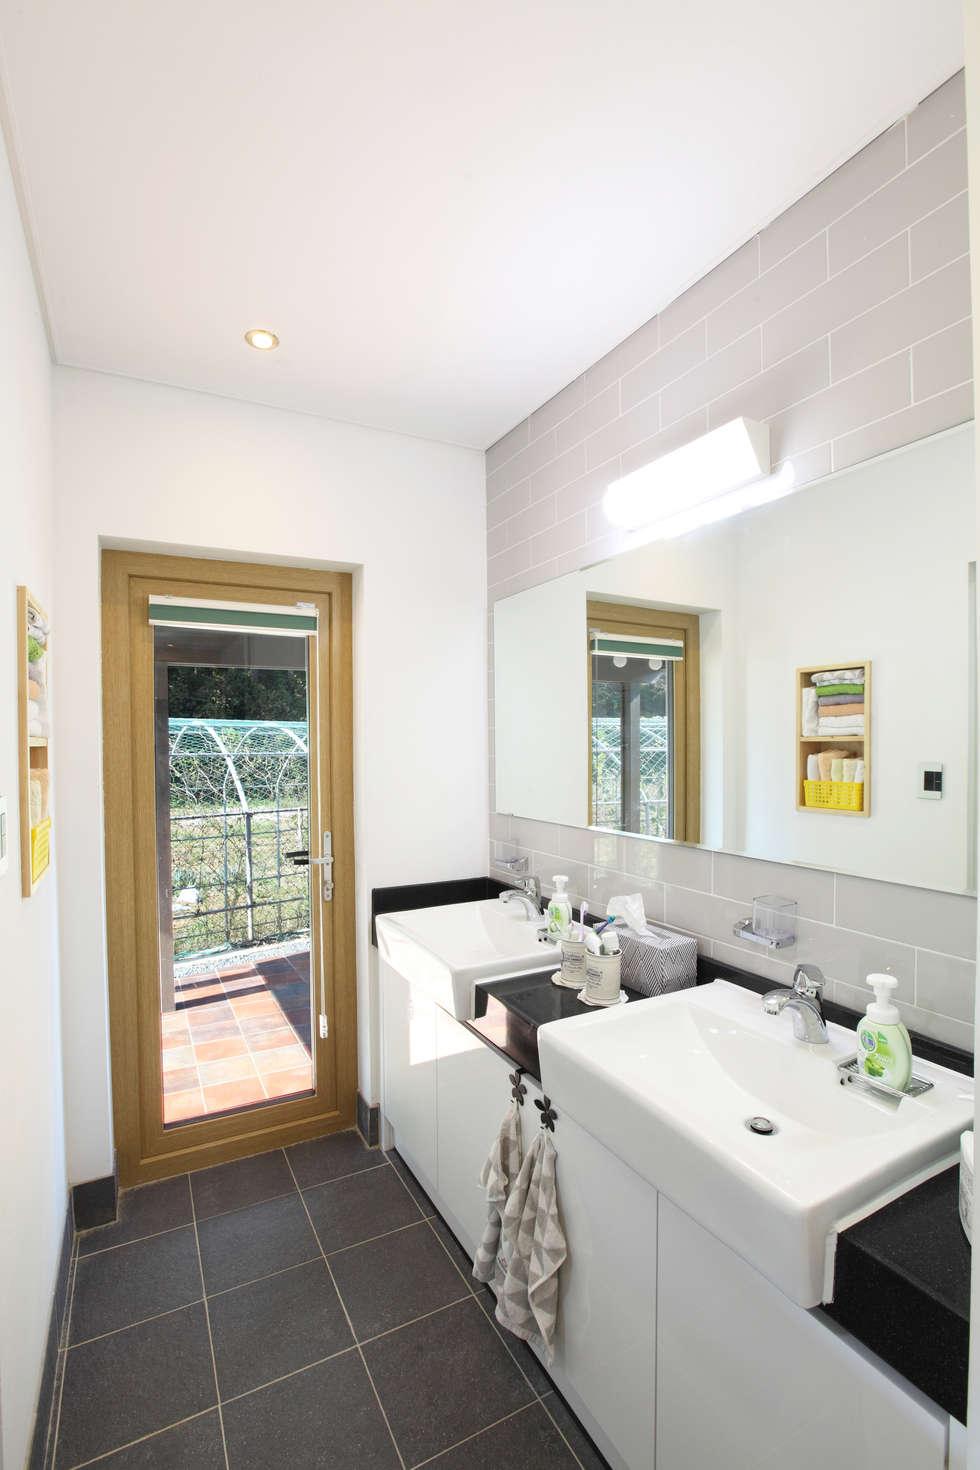 2인세면대: 주택설계전문 디자인그룹 홈스타일토토의  화장실